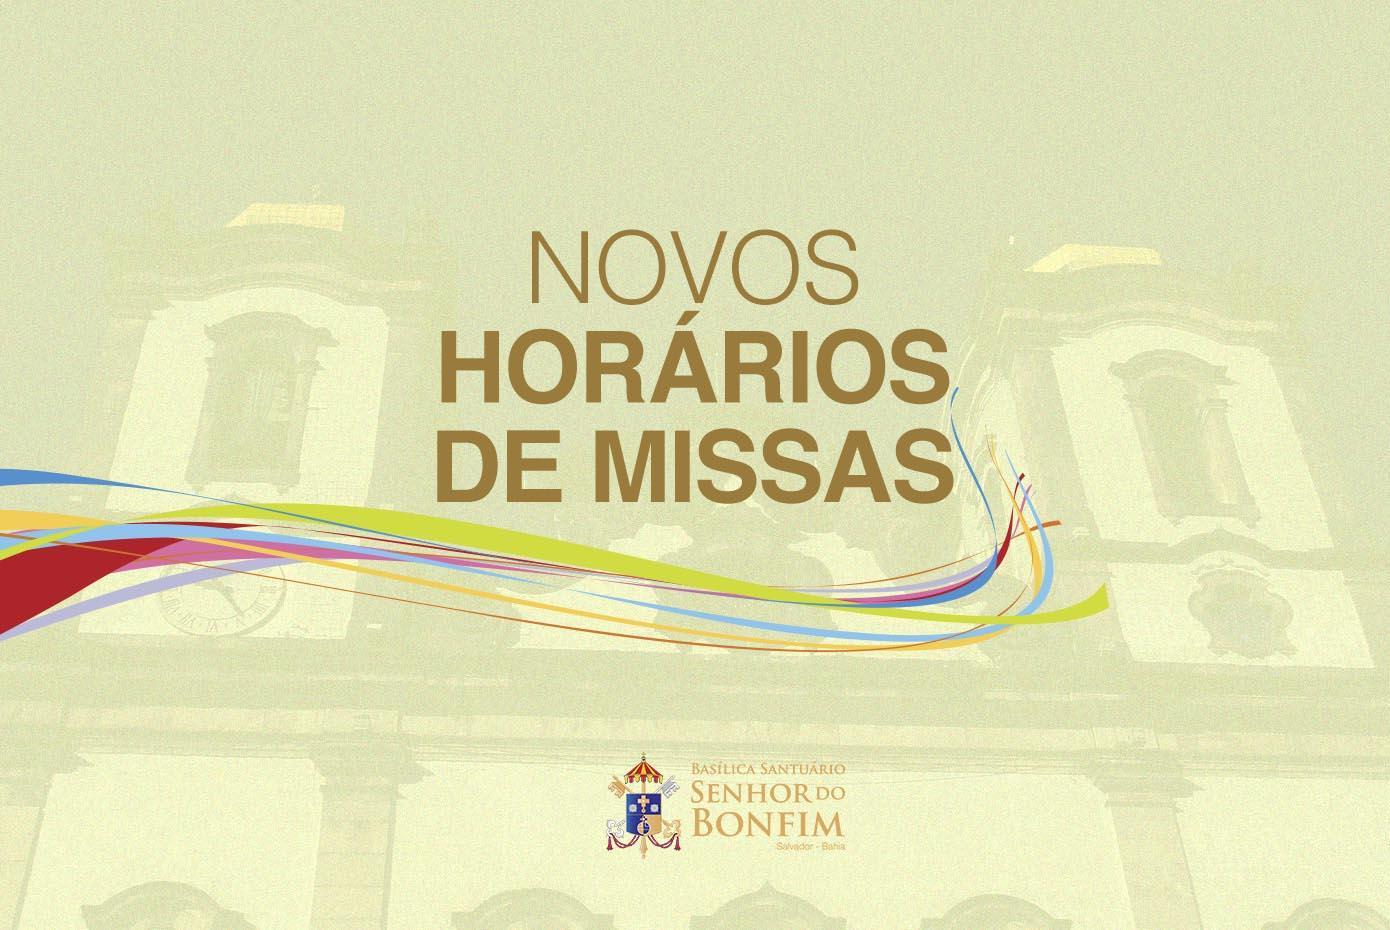 Confira os novos horários de Missas após decreto publicado pela Prefeitura